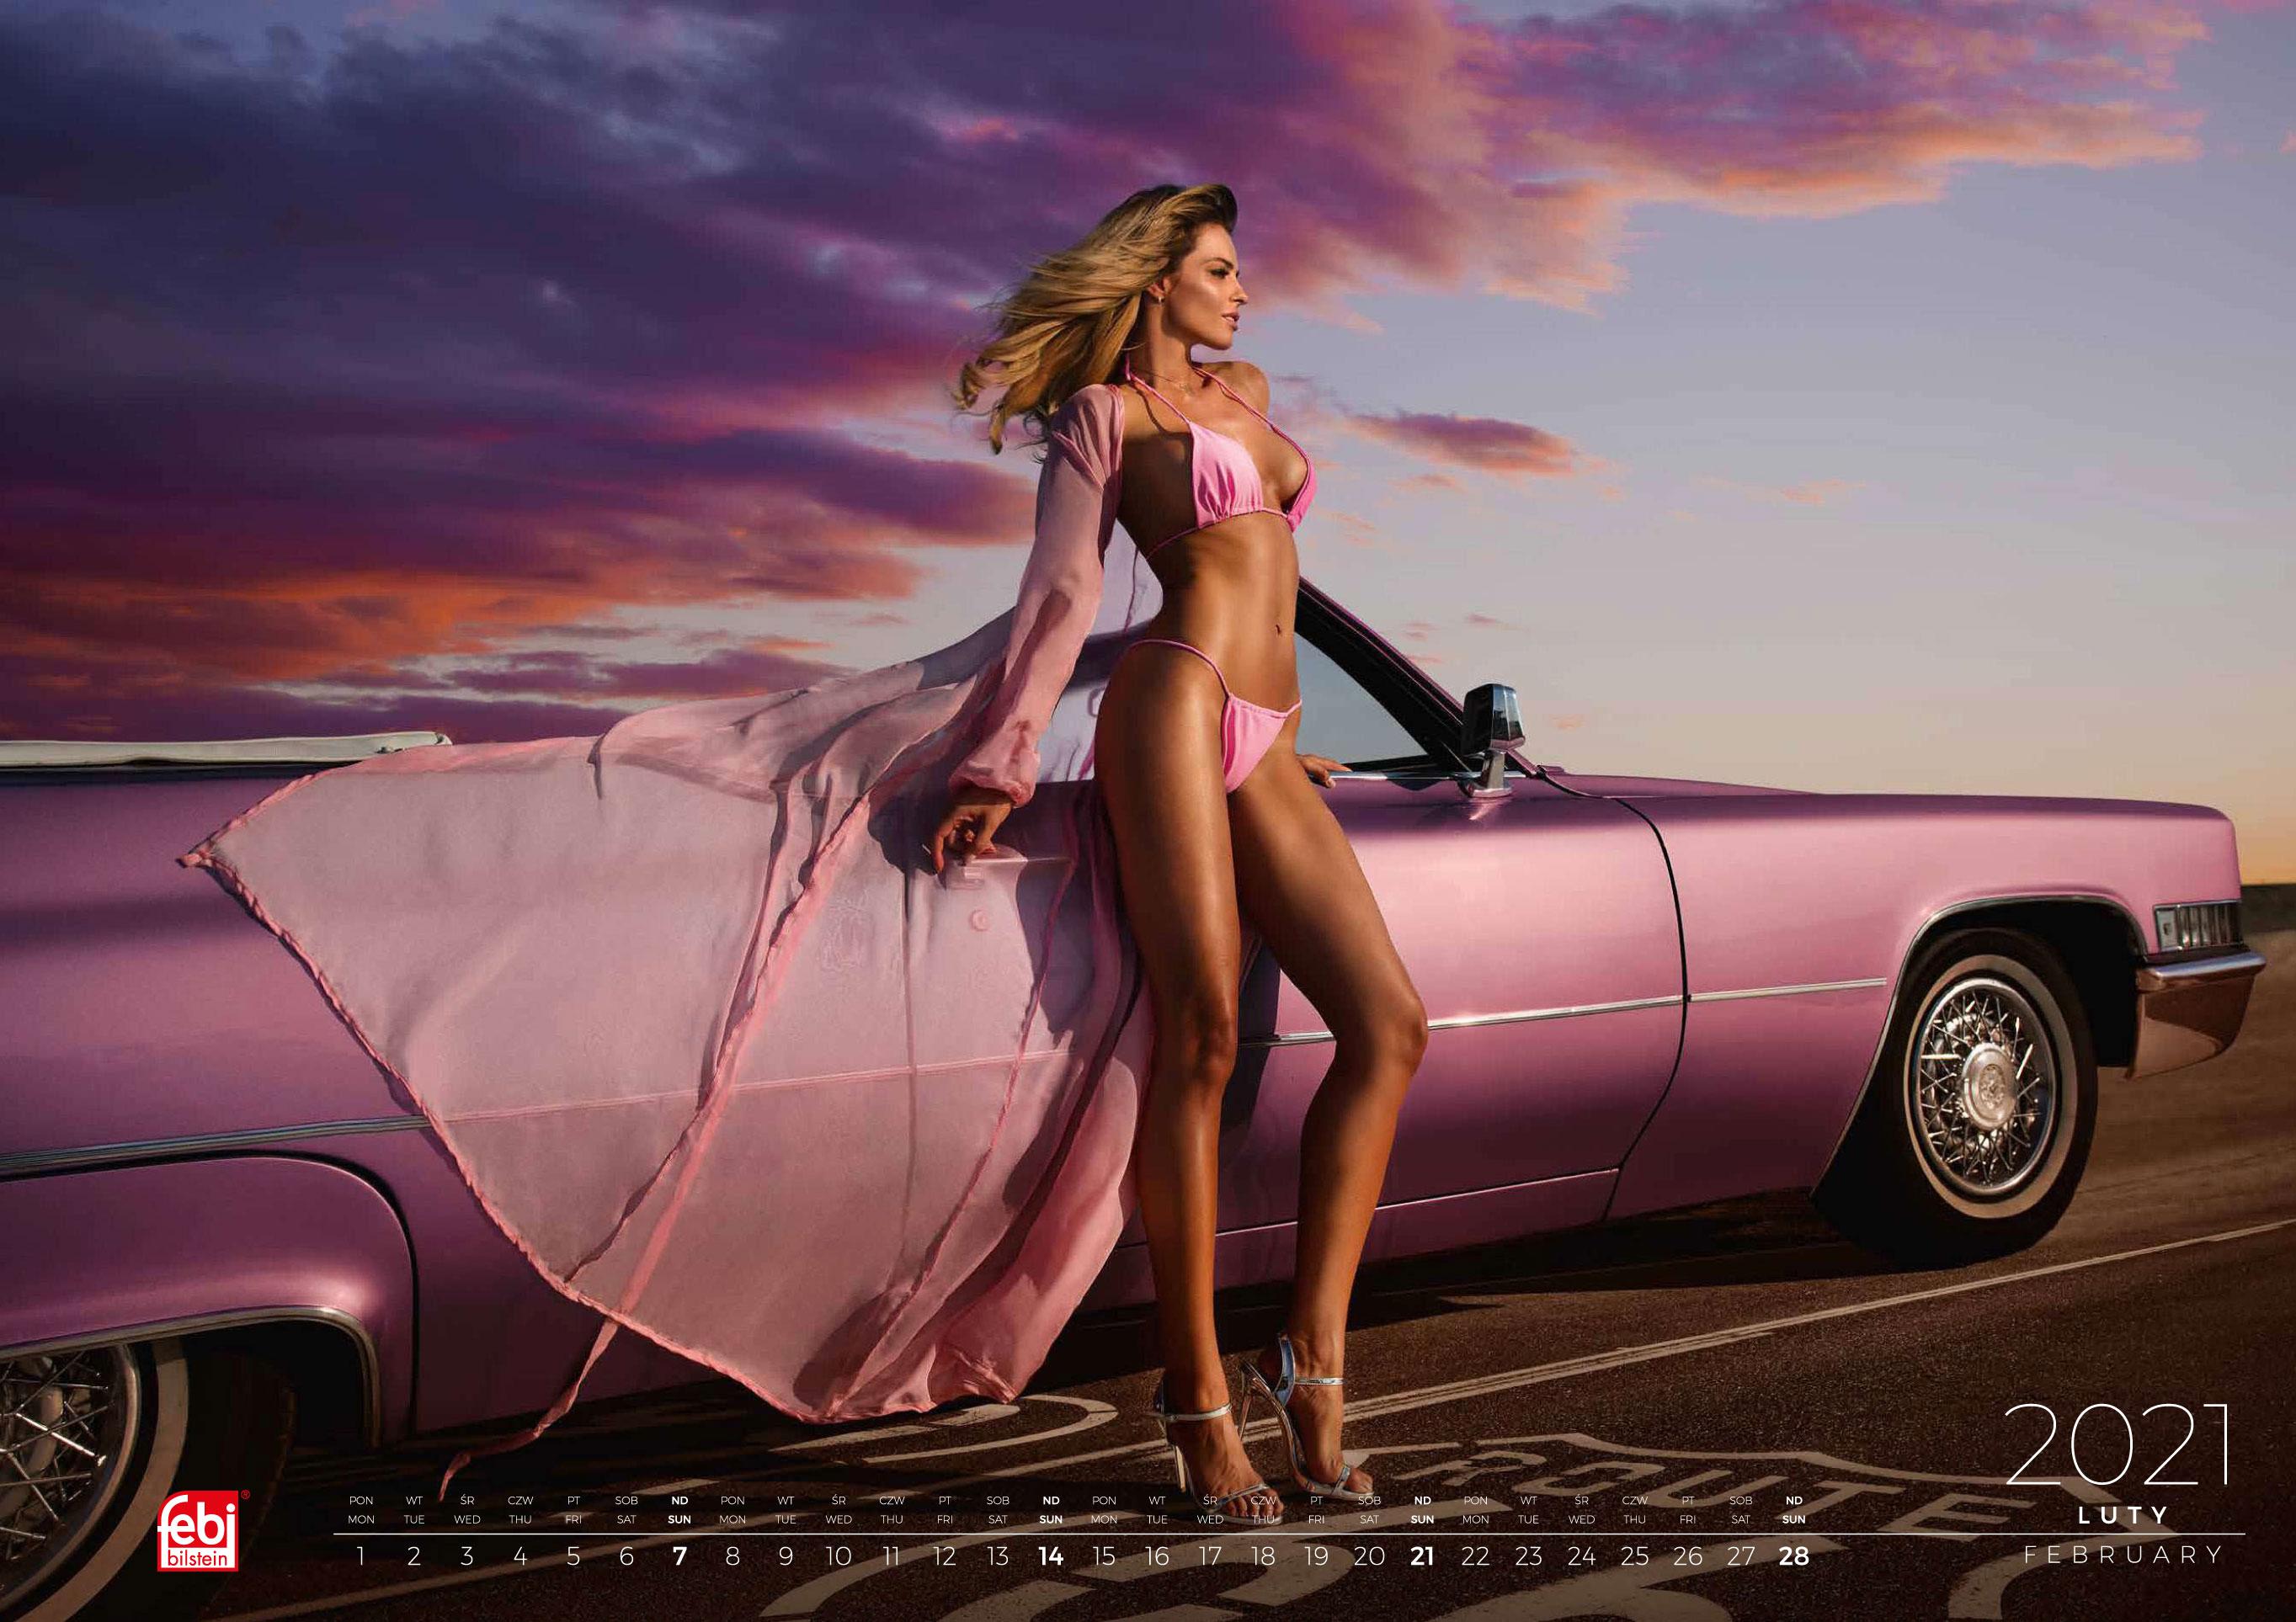 календарь с девушками и автомобилями на 2021 год / февраль